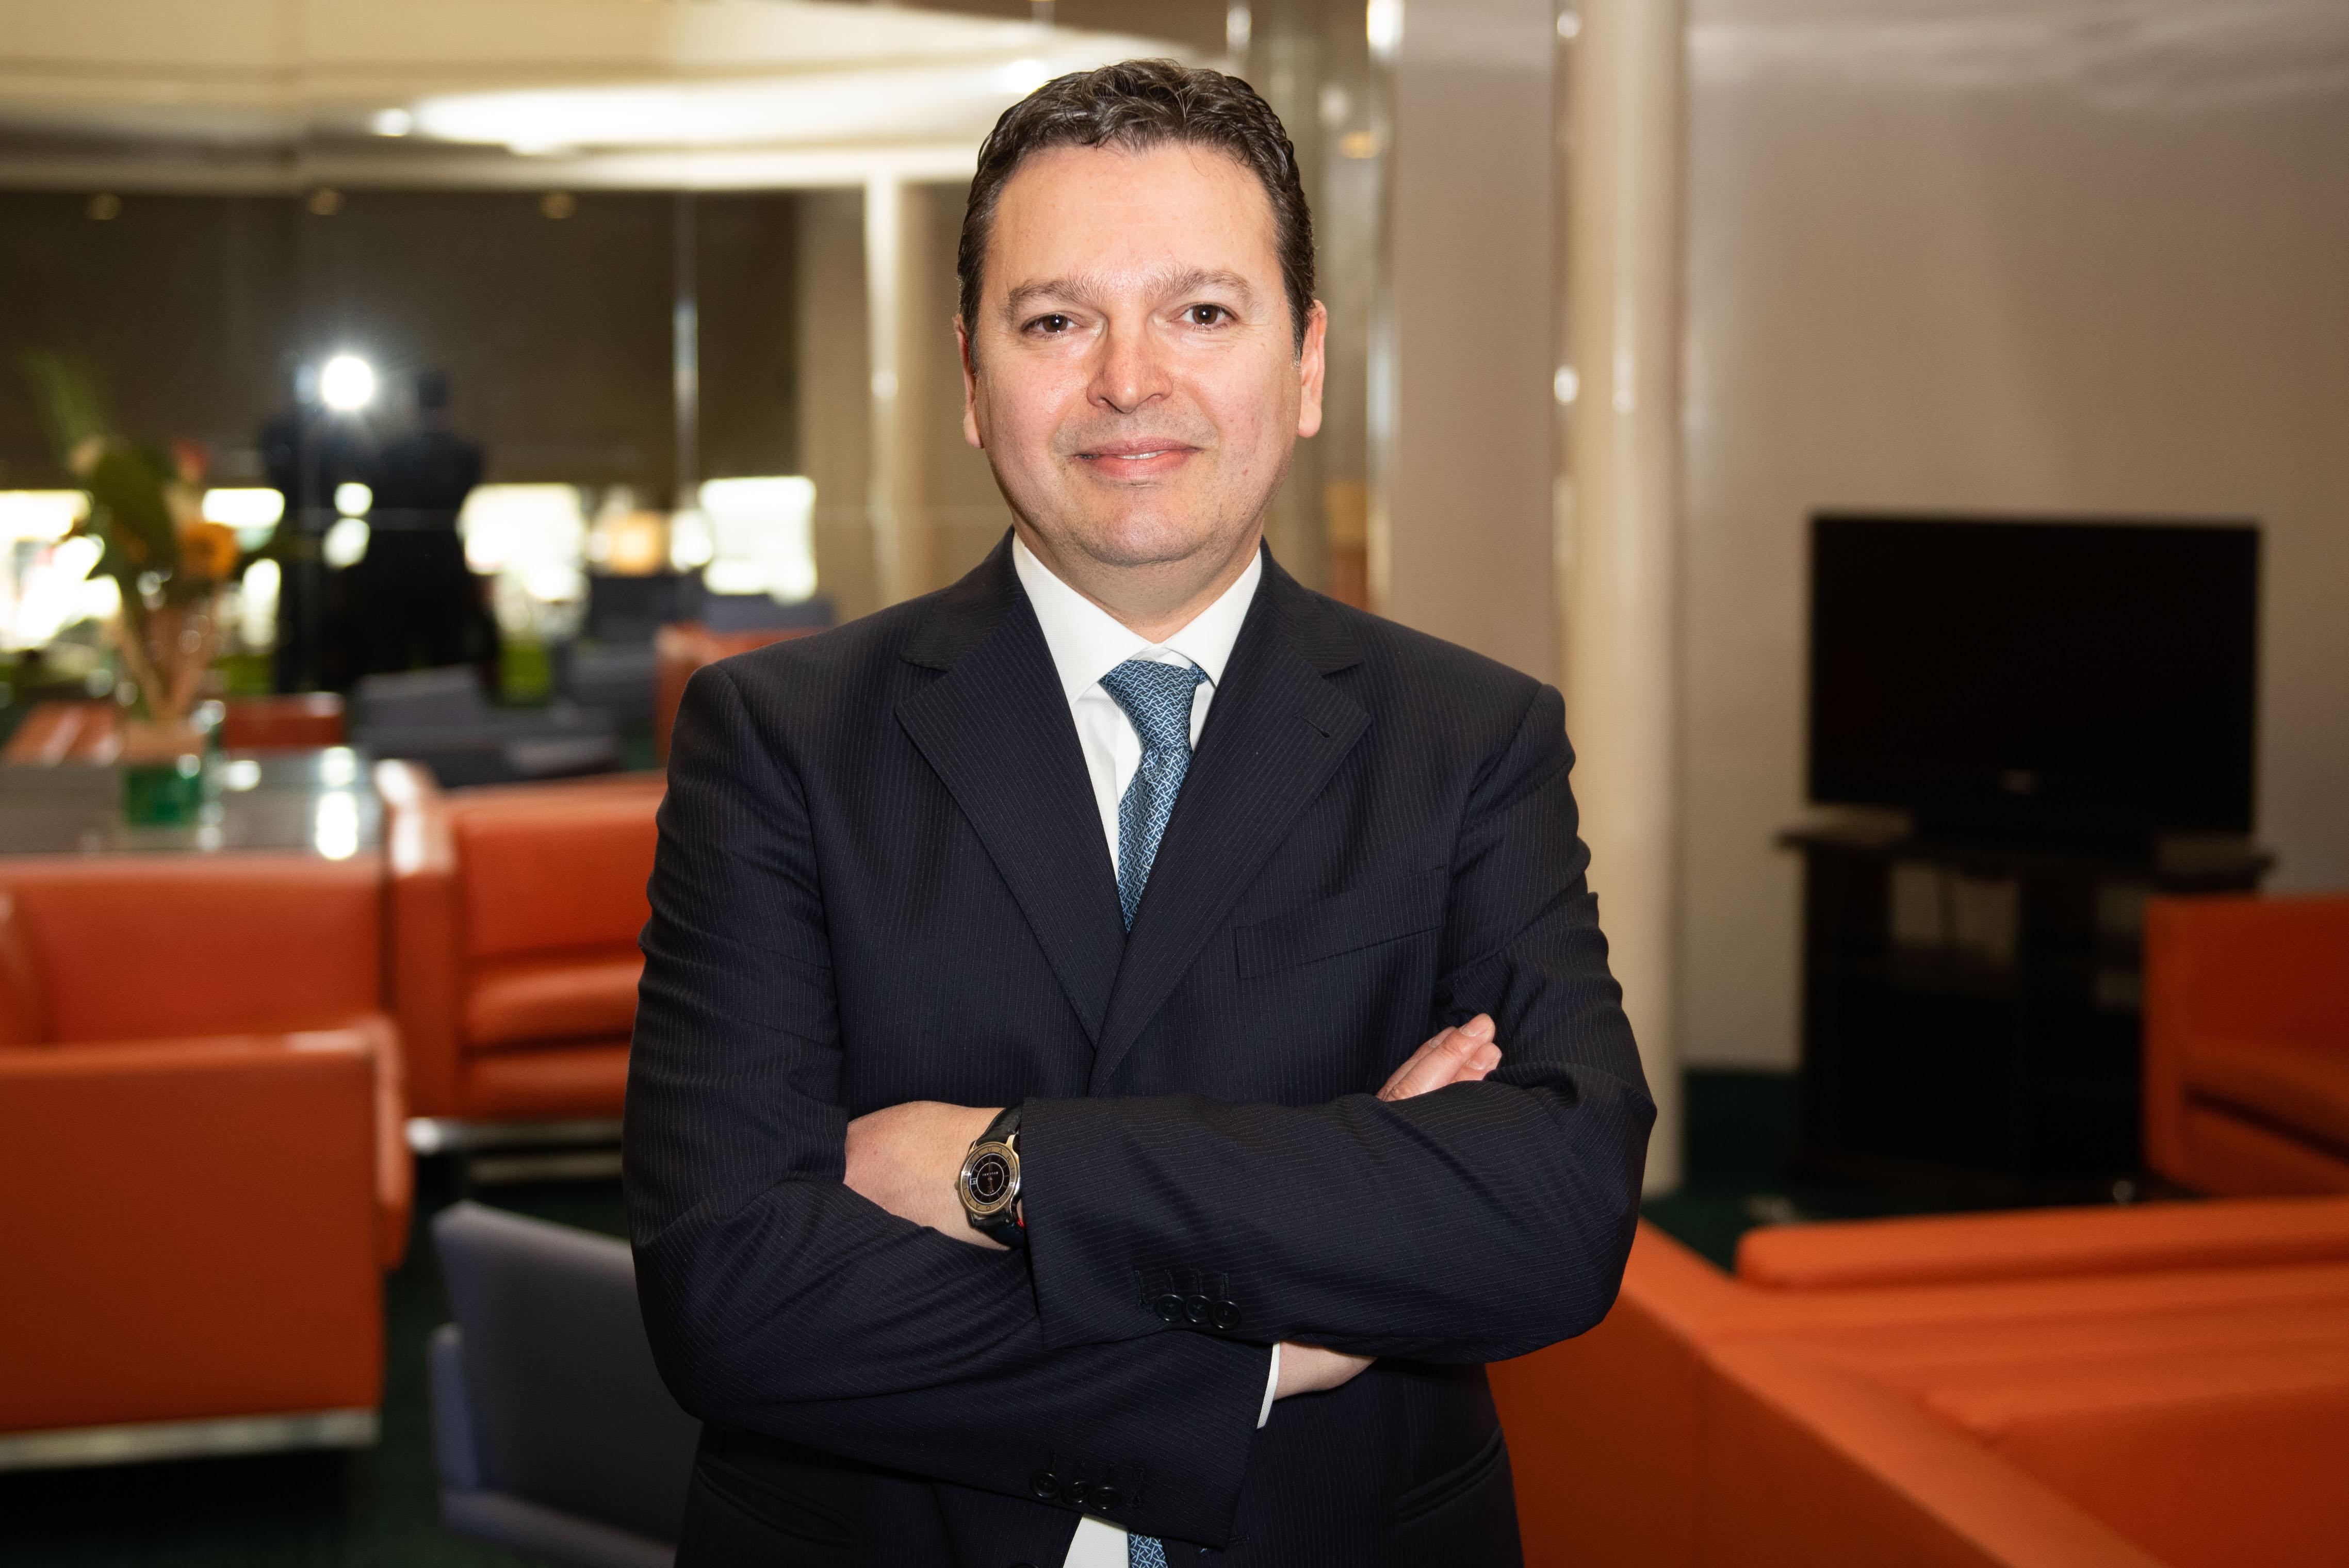 Presentato il Movimento degli Elettori di cui è Presidente Giorgio Aldo Maccaroni